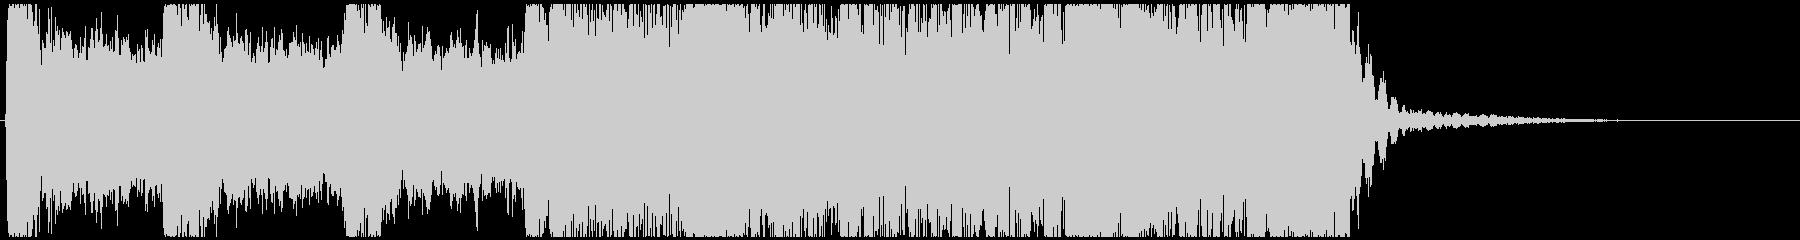 激しい15秒程度のジングルの未再生の波形